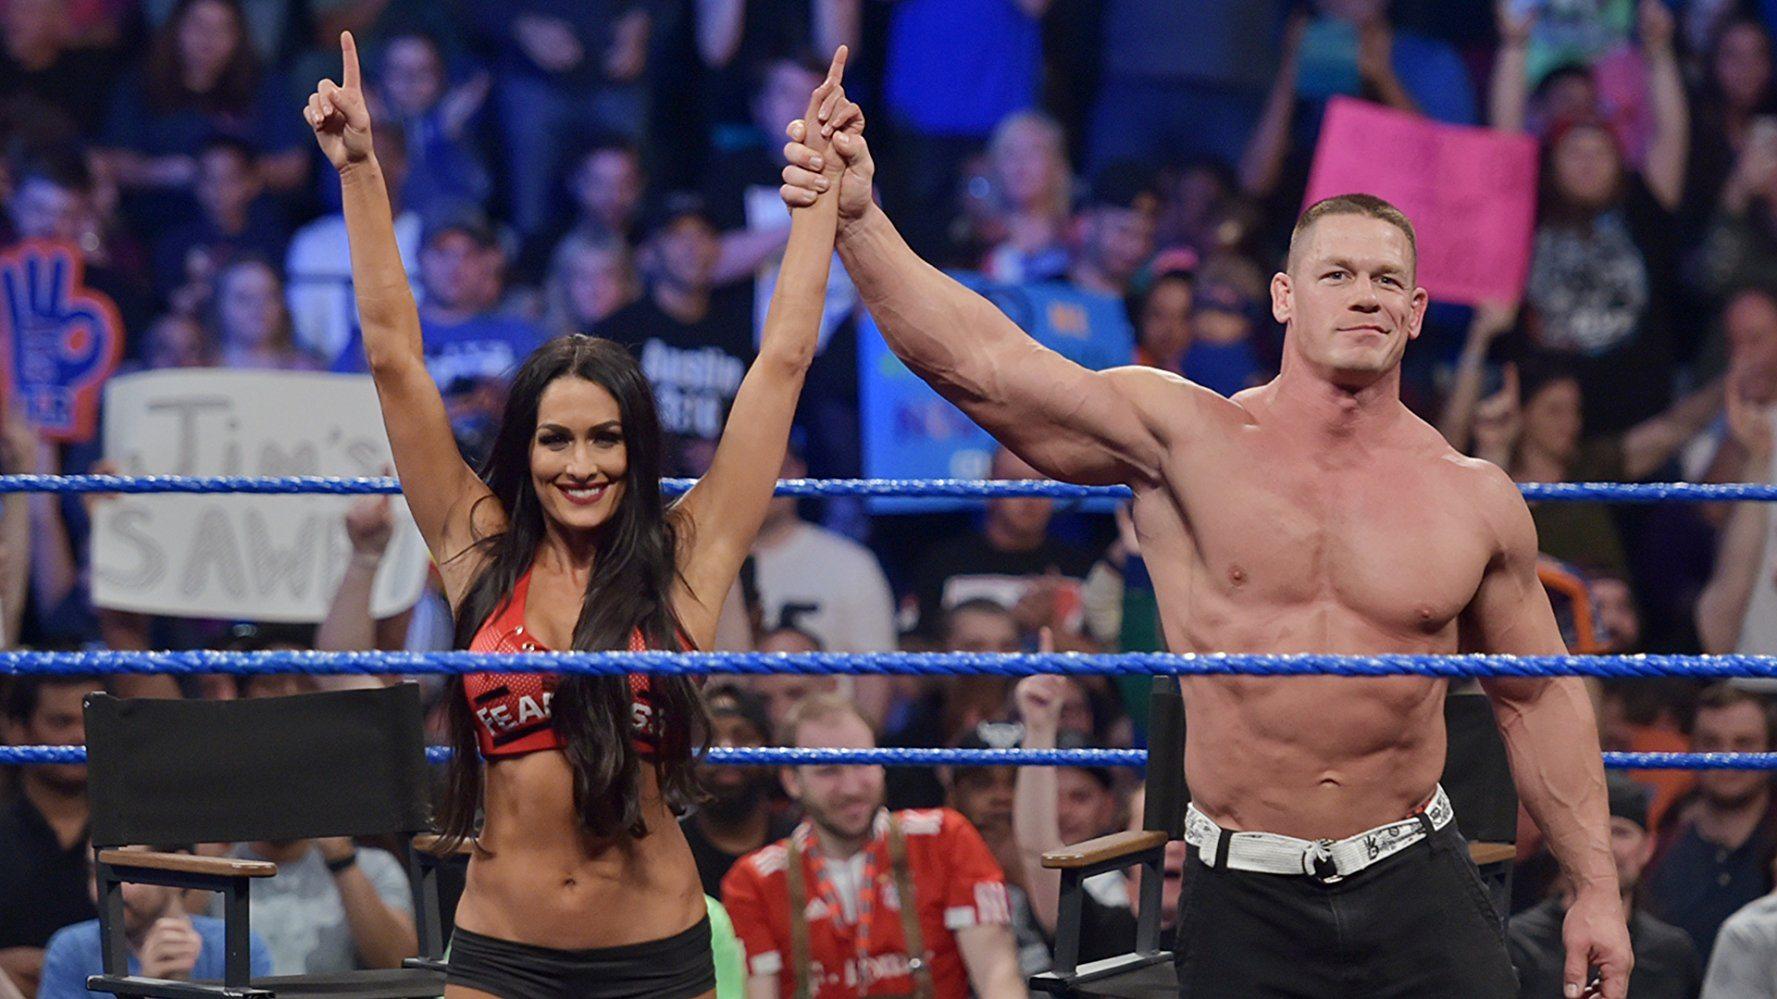 Resumen de las noticias de la lucha diaria - John Cena y Nikki Bella anuncian la ruptura, los resultados de ROH Masters of the Craft